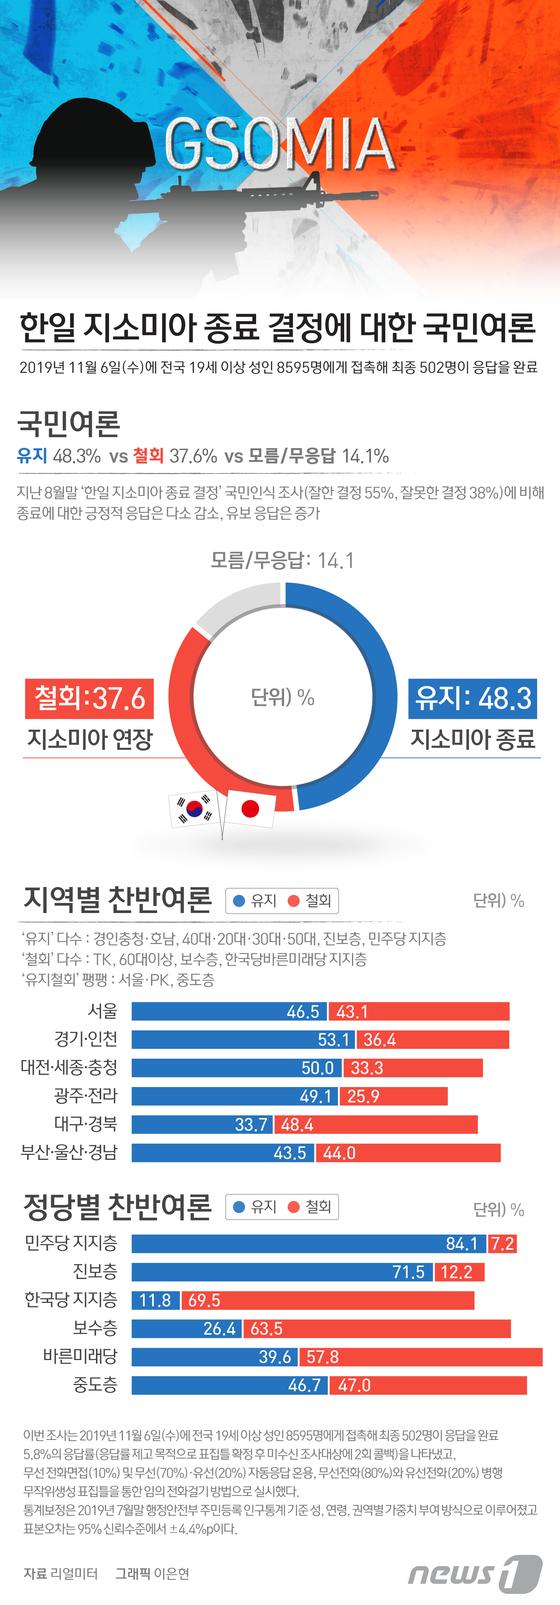 [그래픽뉴스] 한일 지소미아 종료 결정에 대한 국민여론